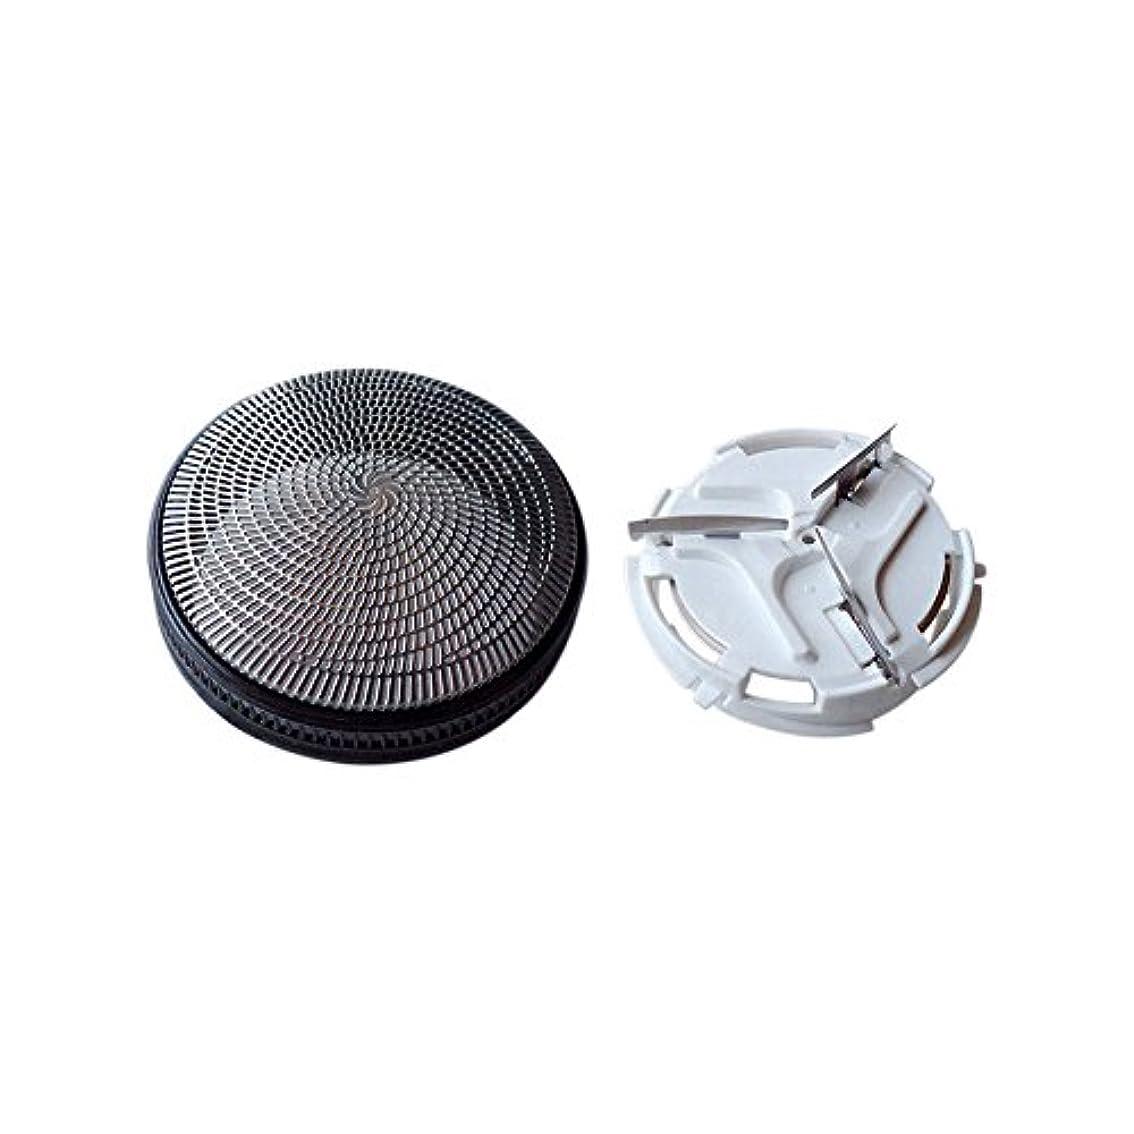 変形する波紋デュアルXinvision 回転式シェーバー替刃 シェーバーパーツ シェーバー パーツ 部品 外刃 内刃 替刃 耐用 for Panasonic ES6510 ES6500 ES534